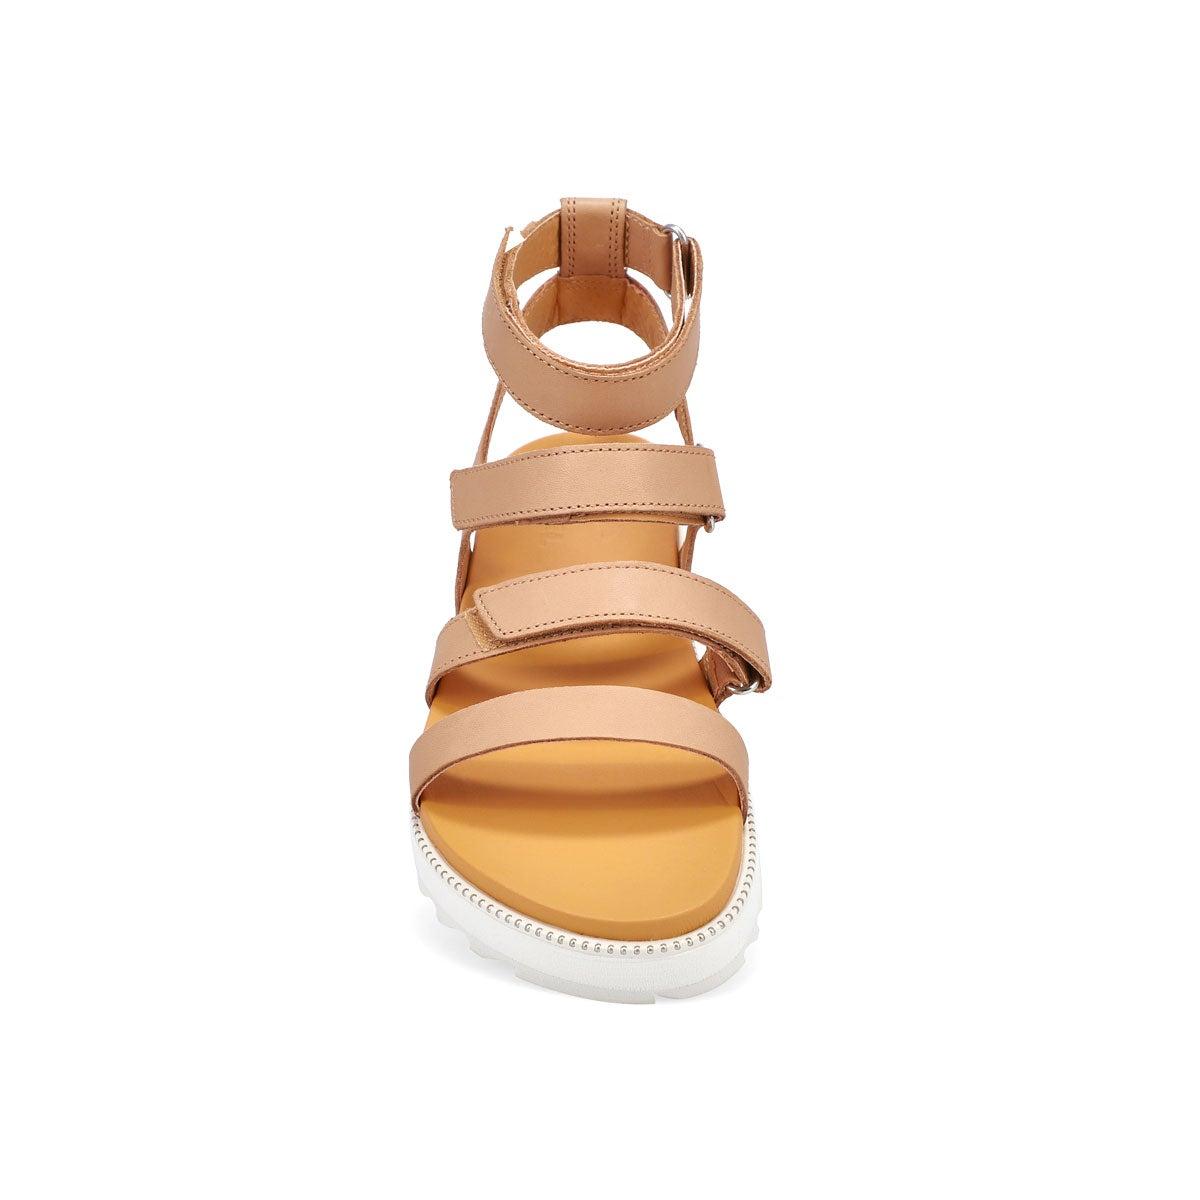 Women's Roaming Multi Strap Sandal - Honest Beige